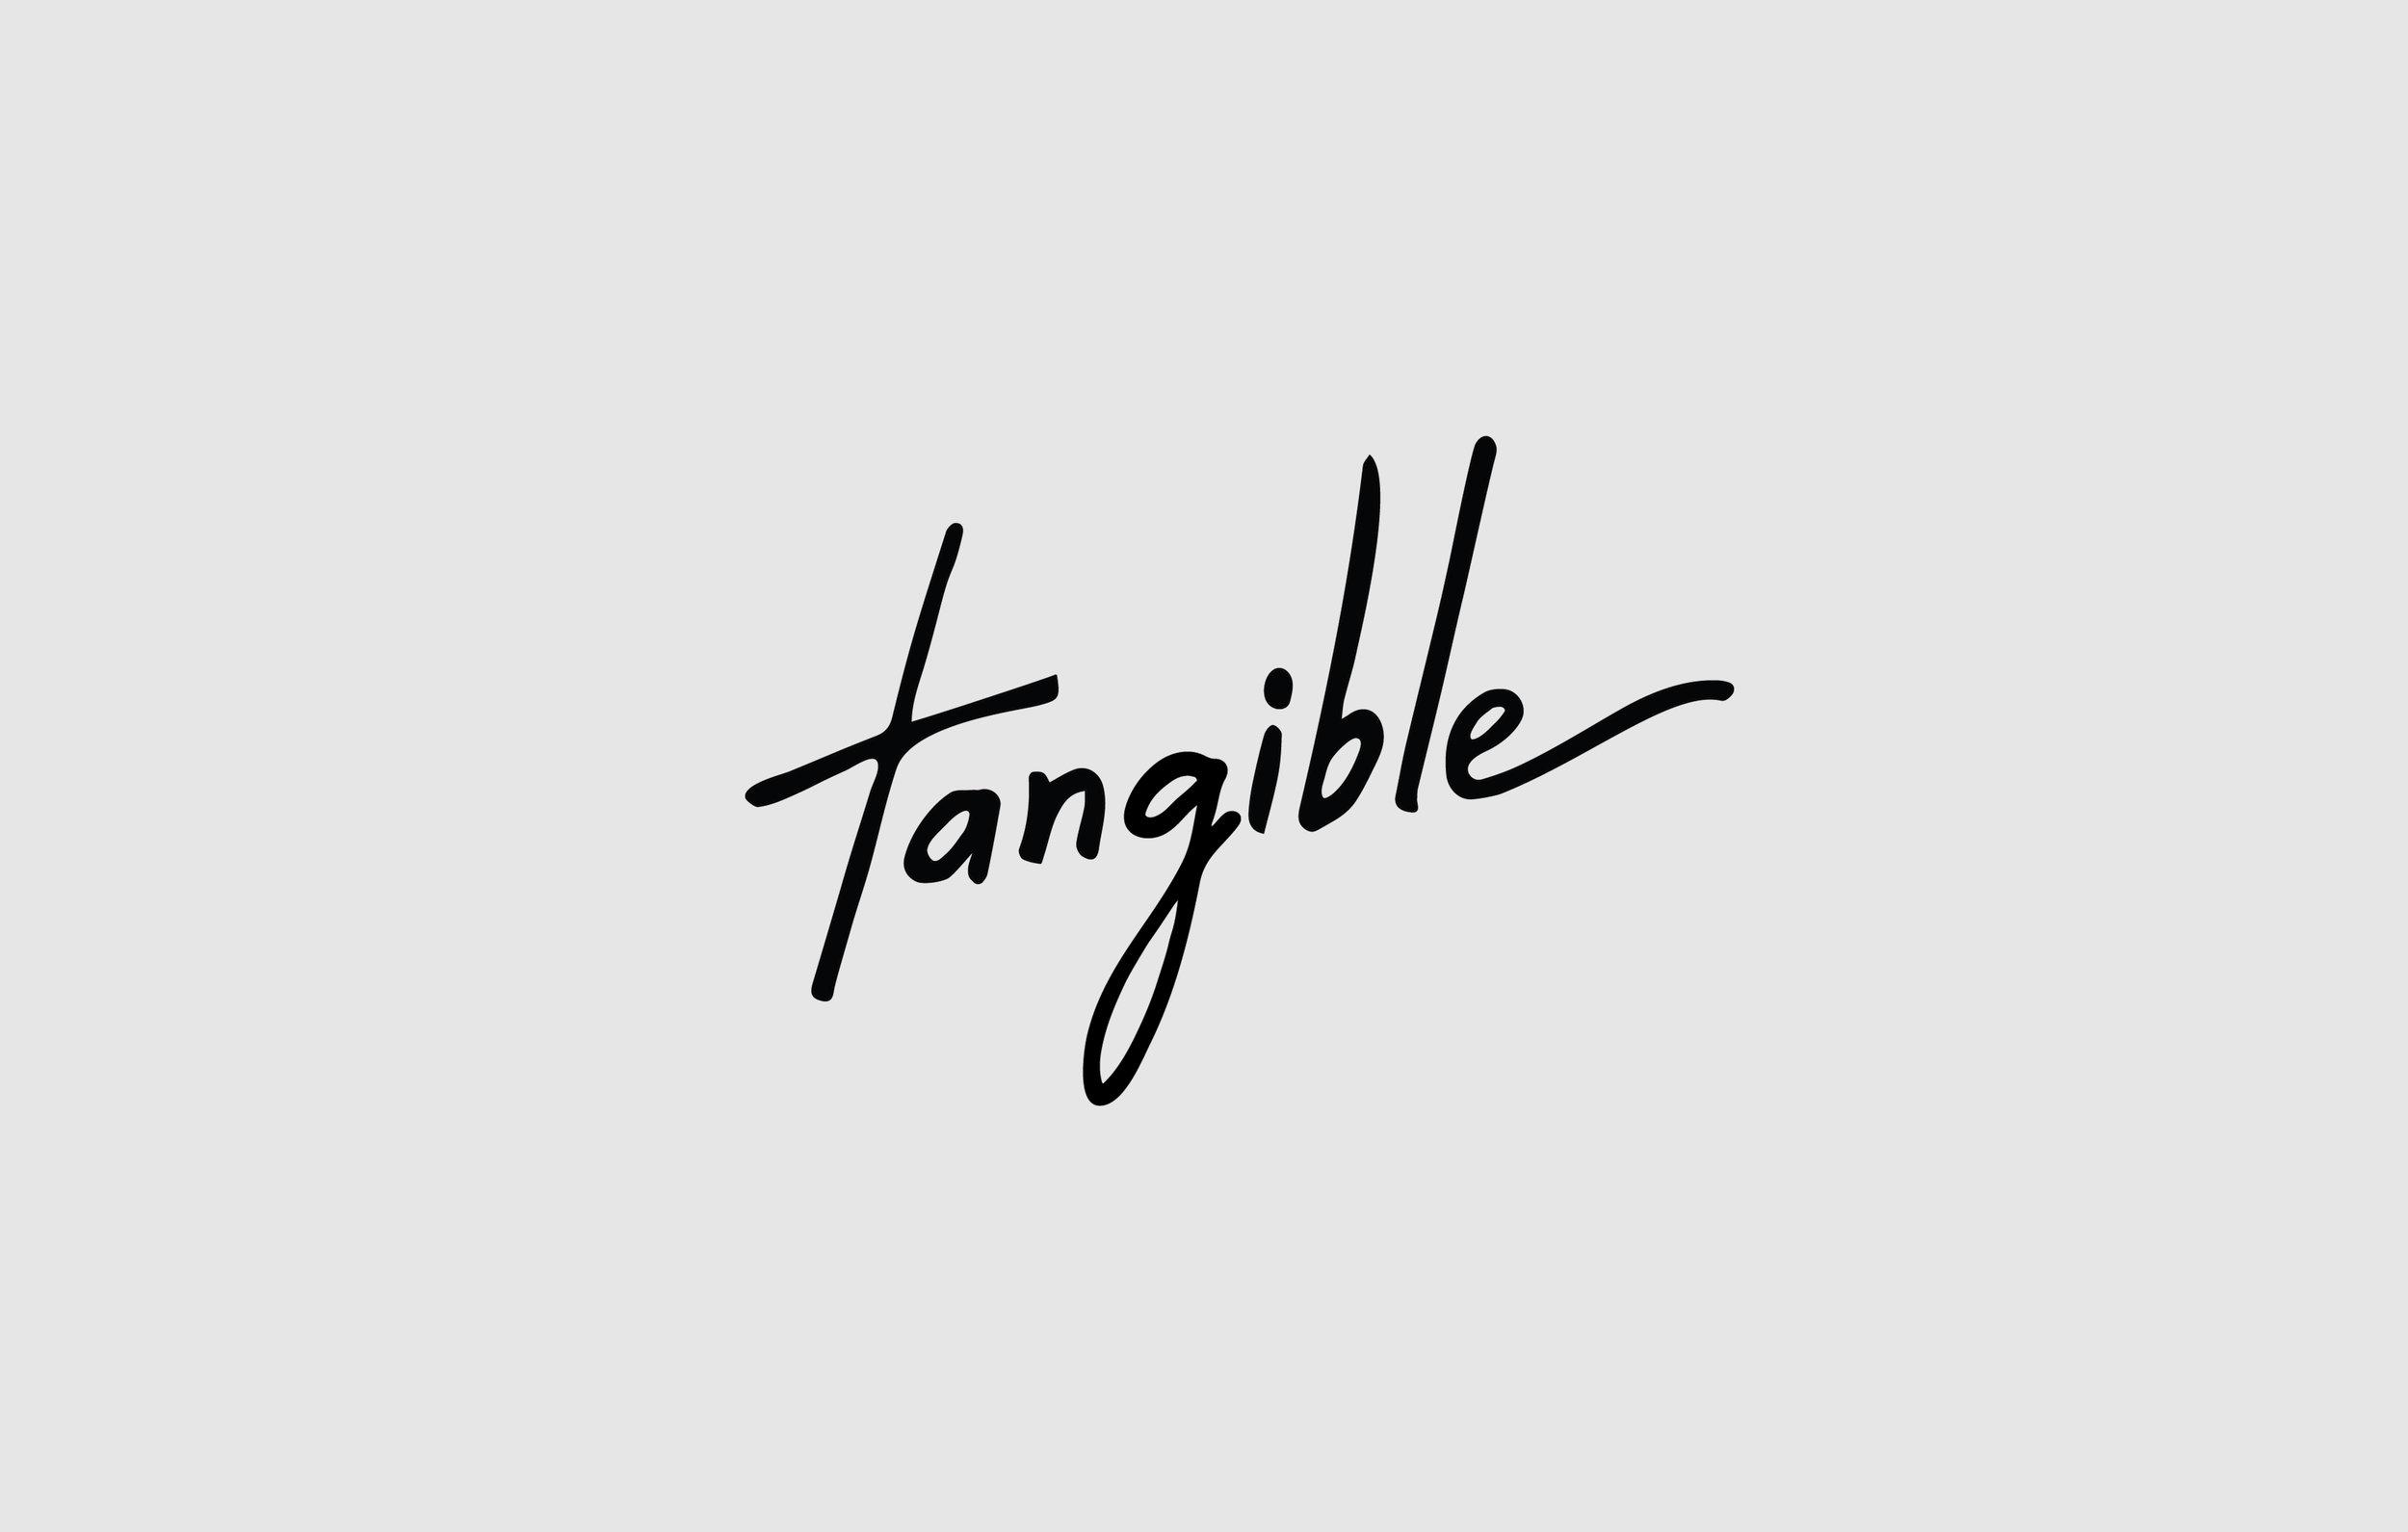 tanbgible.jpg